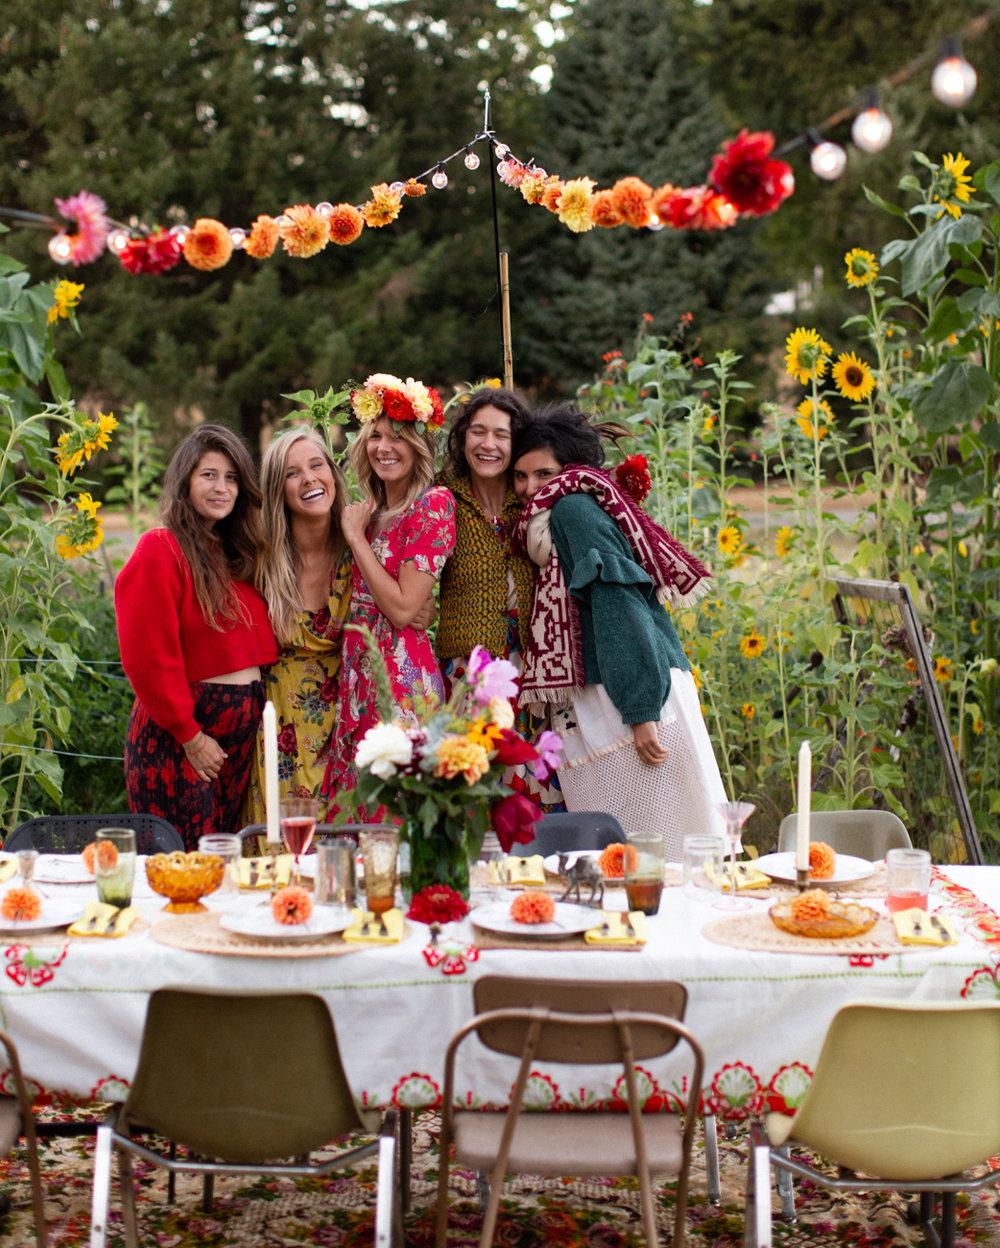 Backyard Flower Power Birthday_Olivia Ashton Photography-4.jpg